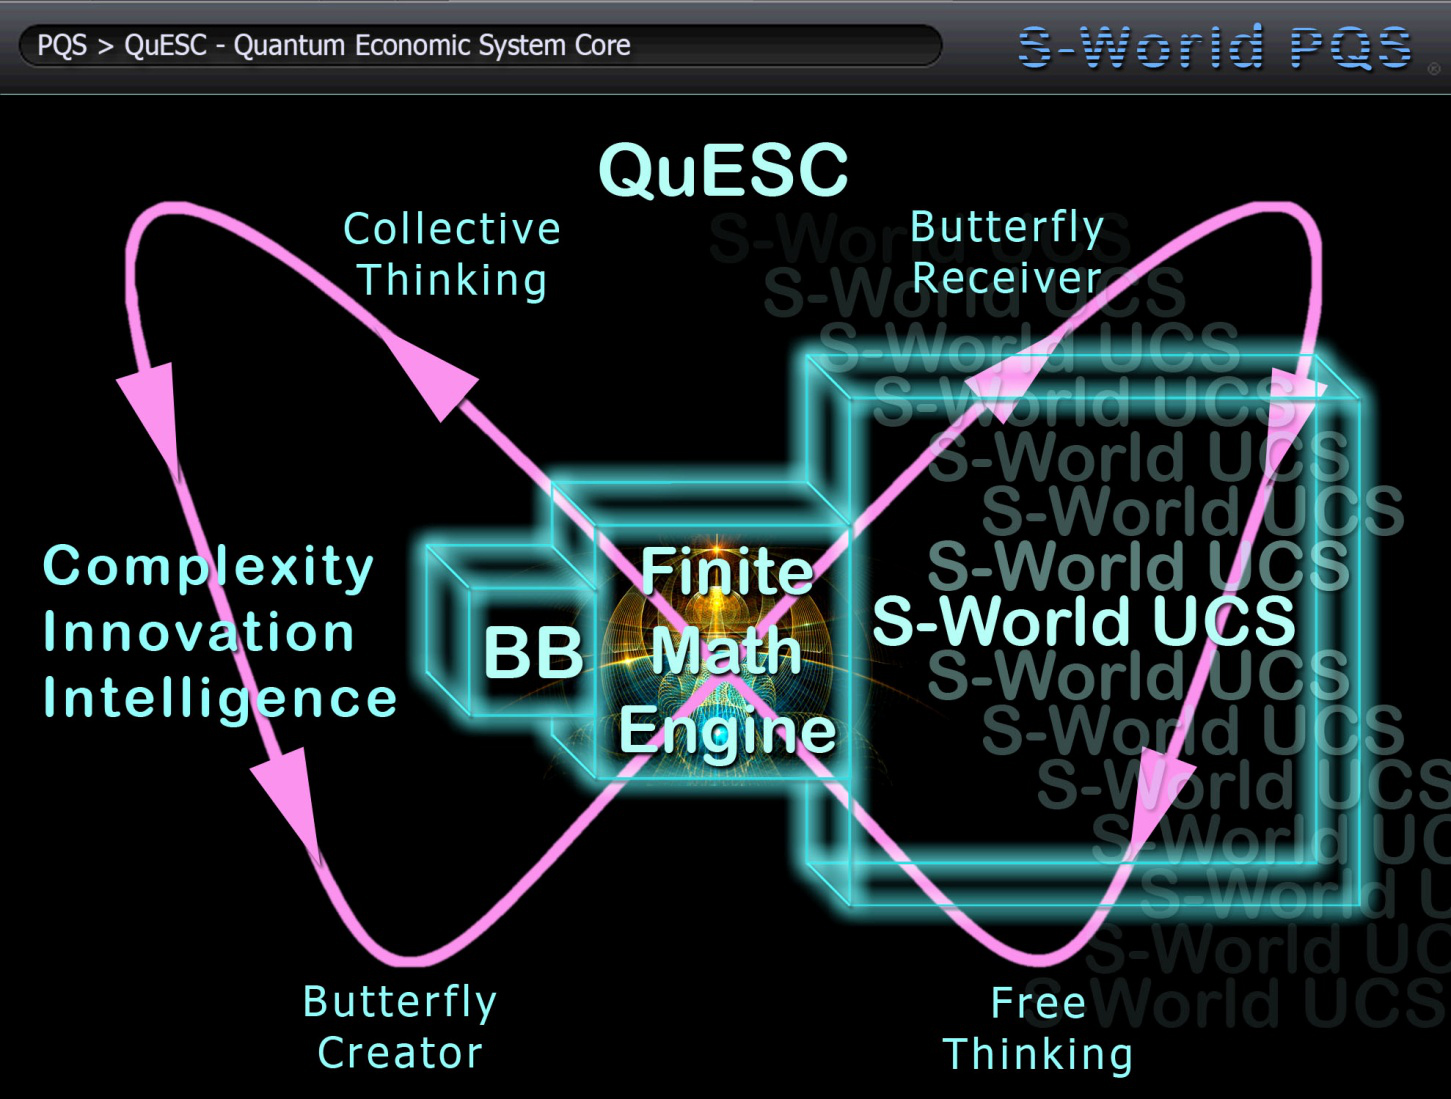 quantum-economics-system-core